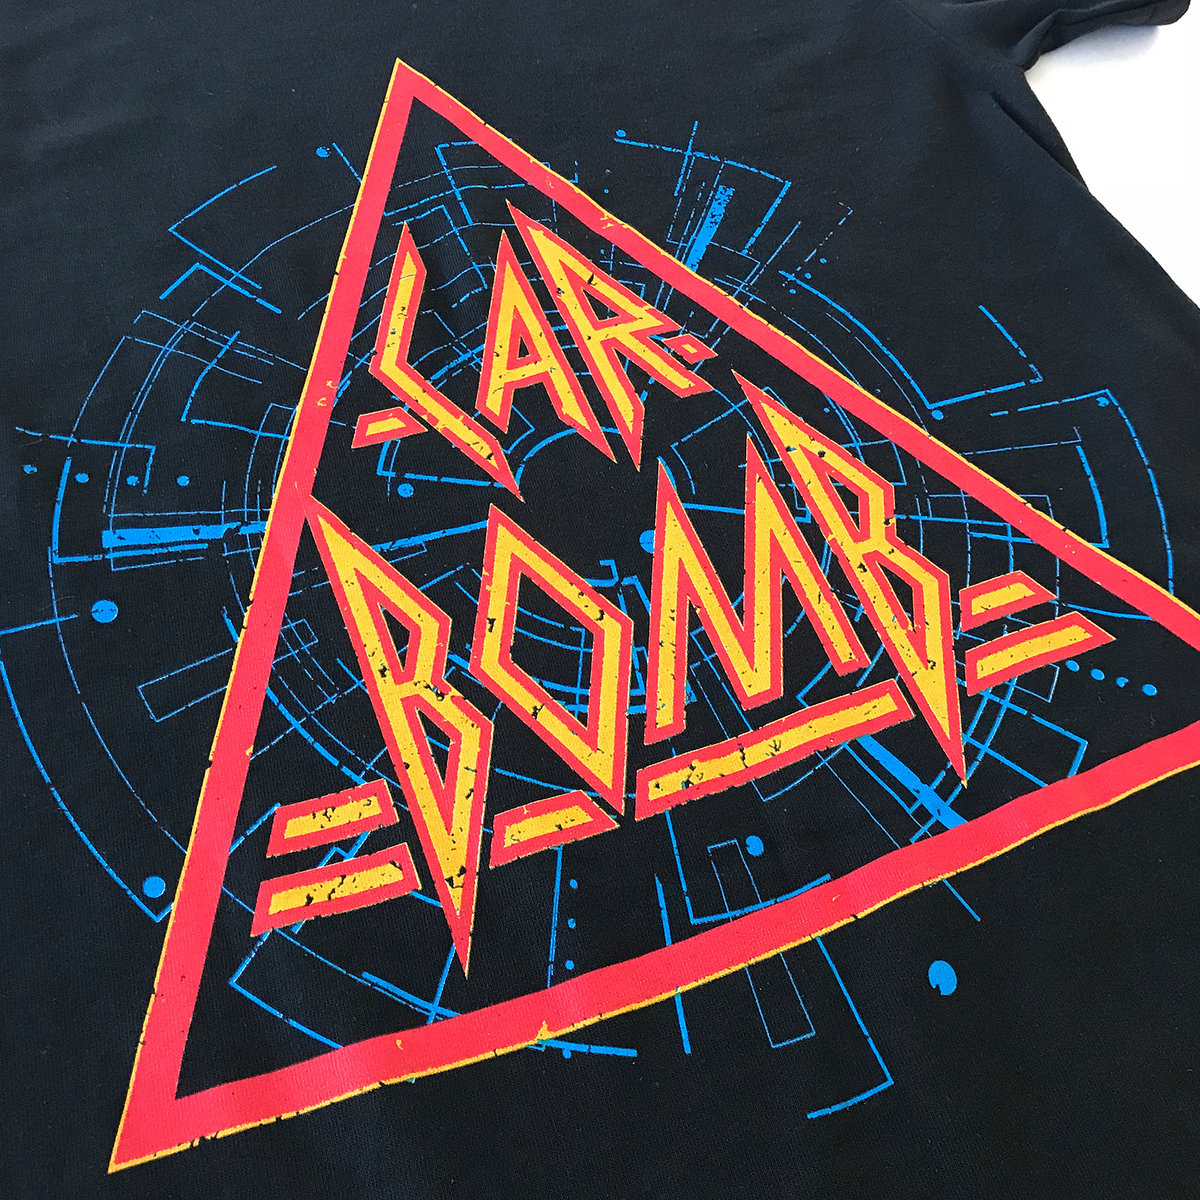 Car Bomb - Lef Deppard shirt